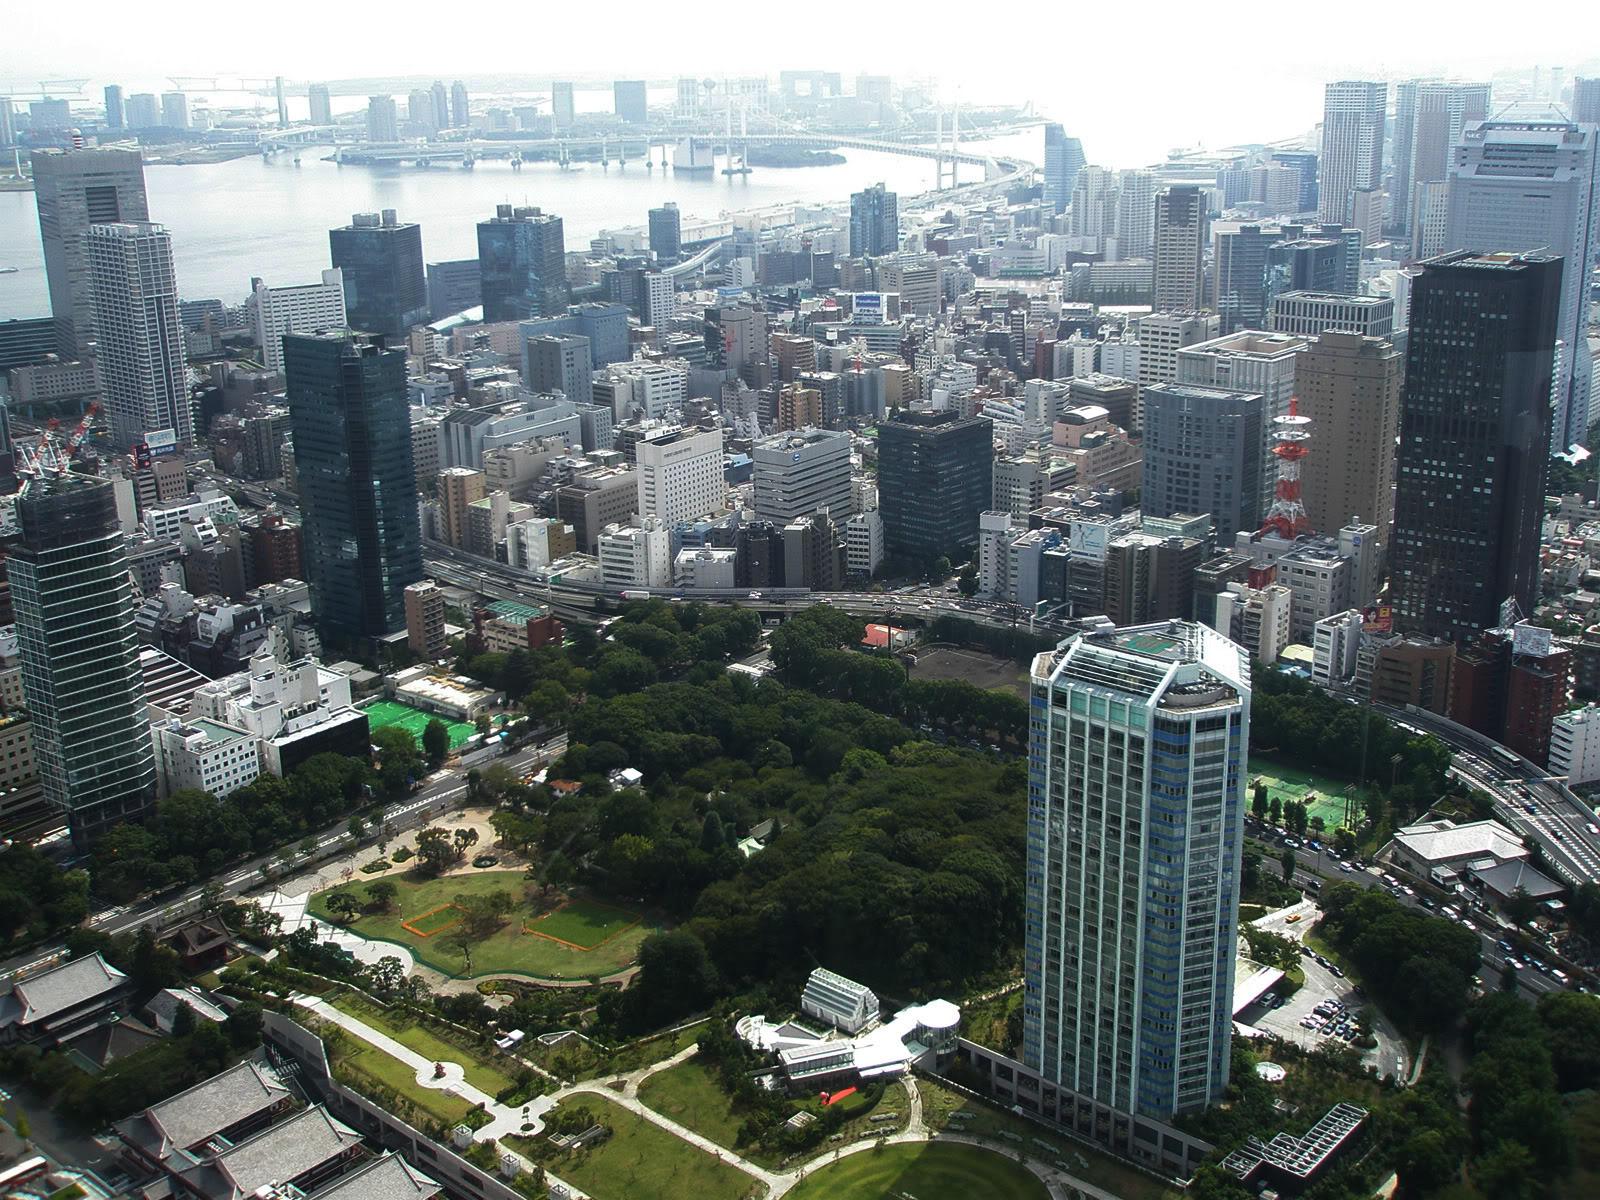 அழகிய டோக்யோ நகரம் படங்கள் சில TokyoTower_6